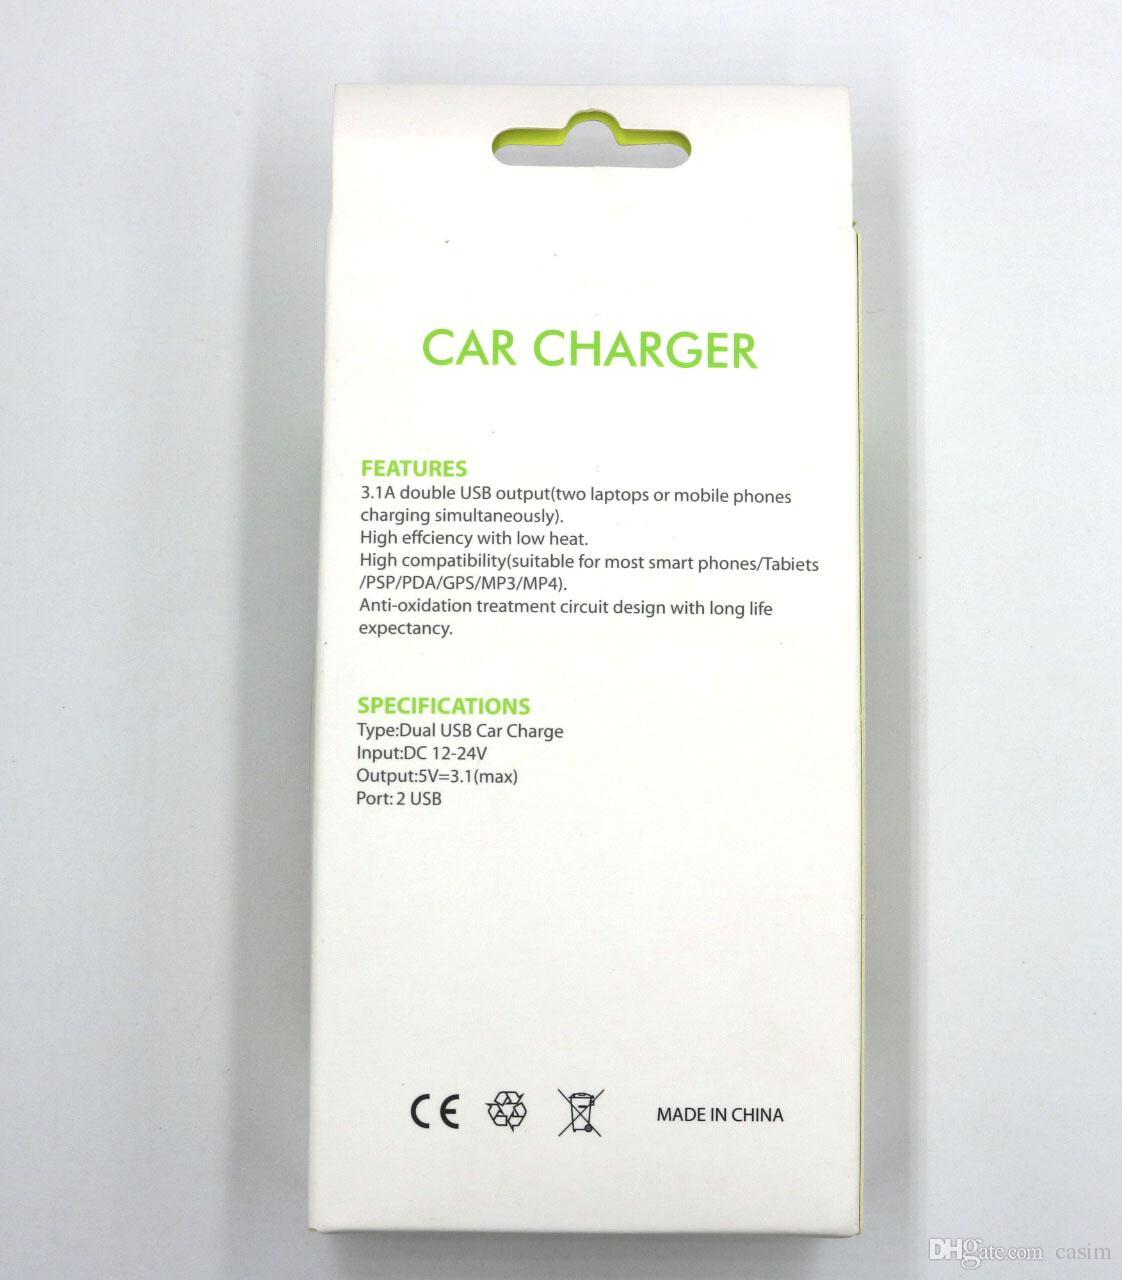 4 en 1 cargador de coche 2 puertos USB 2 puertos de carga de coche 3.1A Salida de coche USB de doble carga rápida